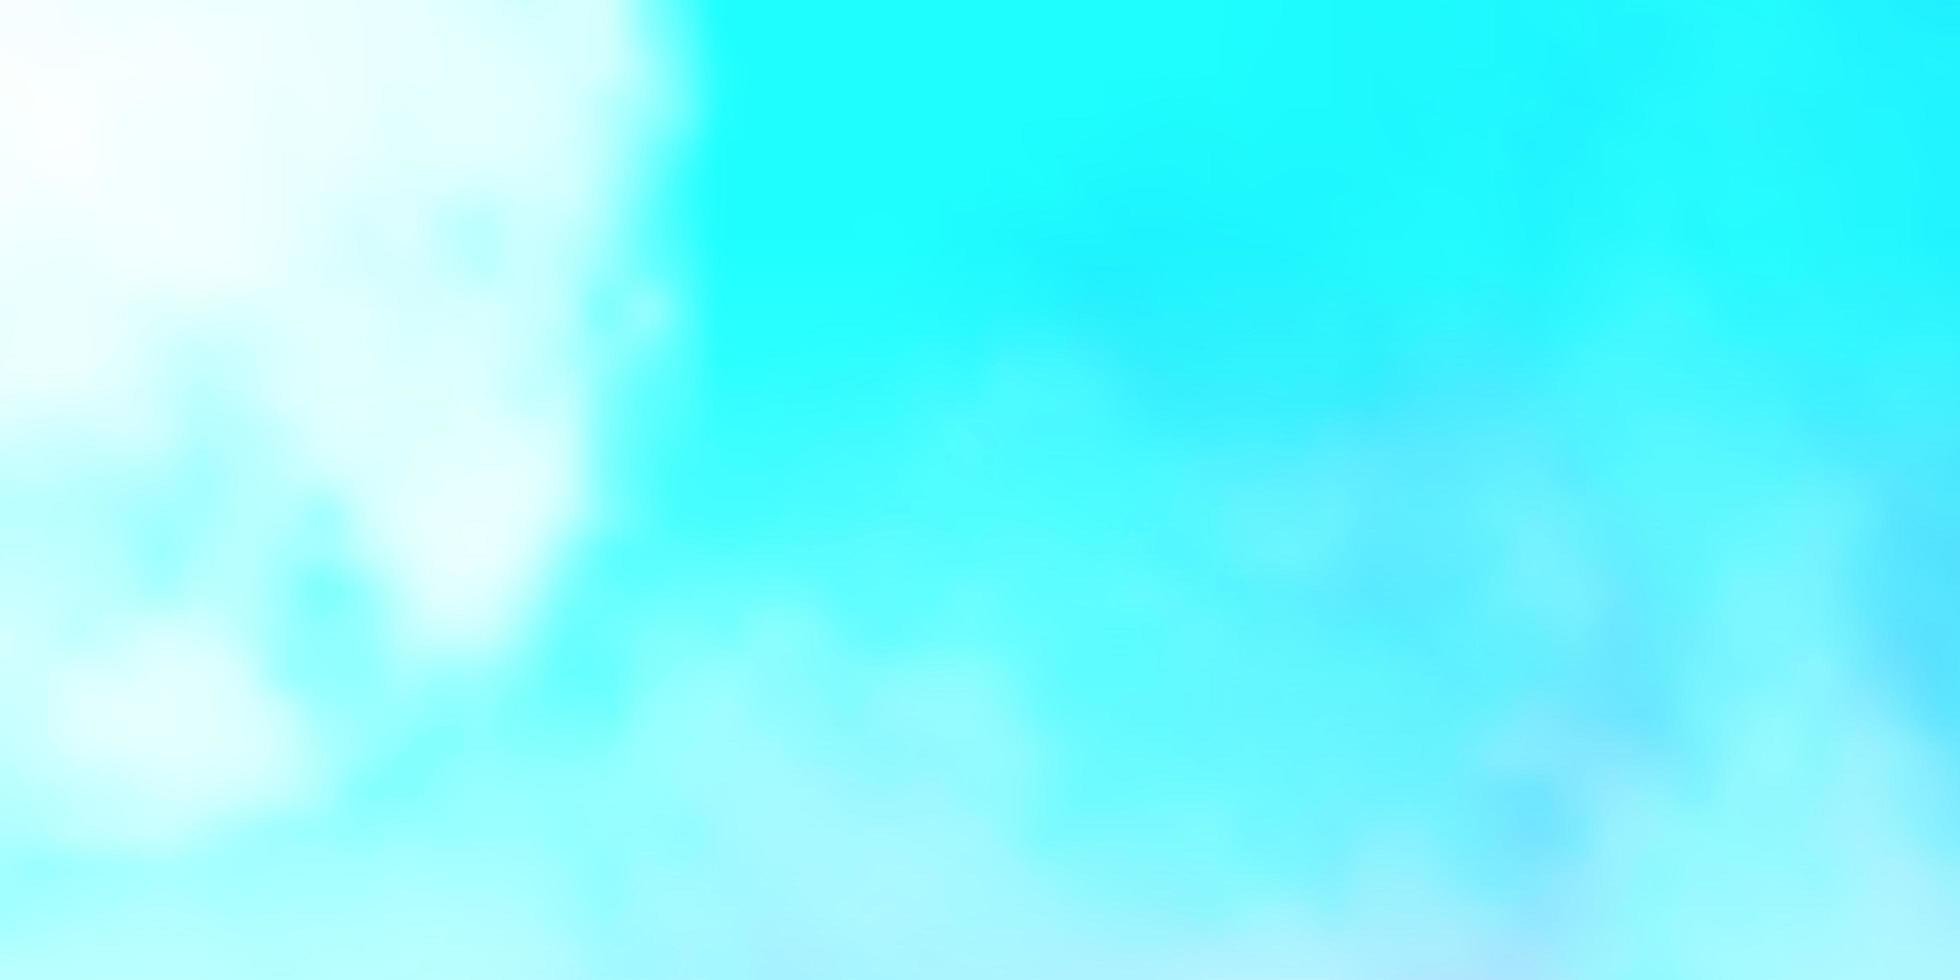 texture de vecteur bleu clair avec ciel nuageux.